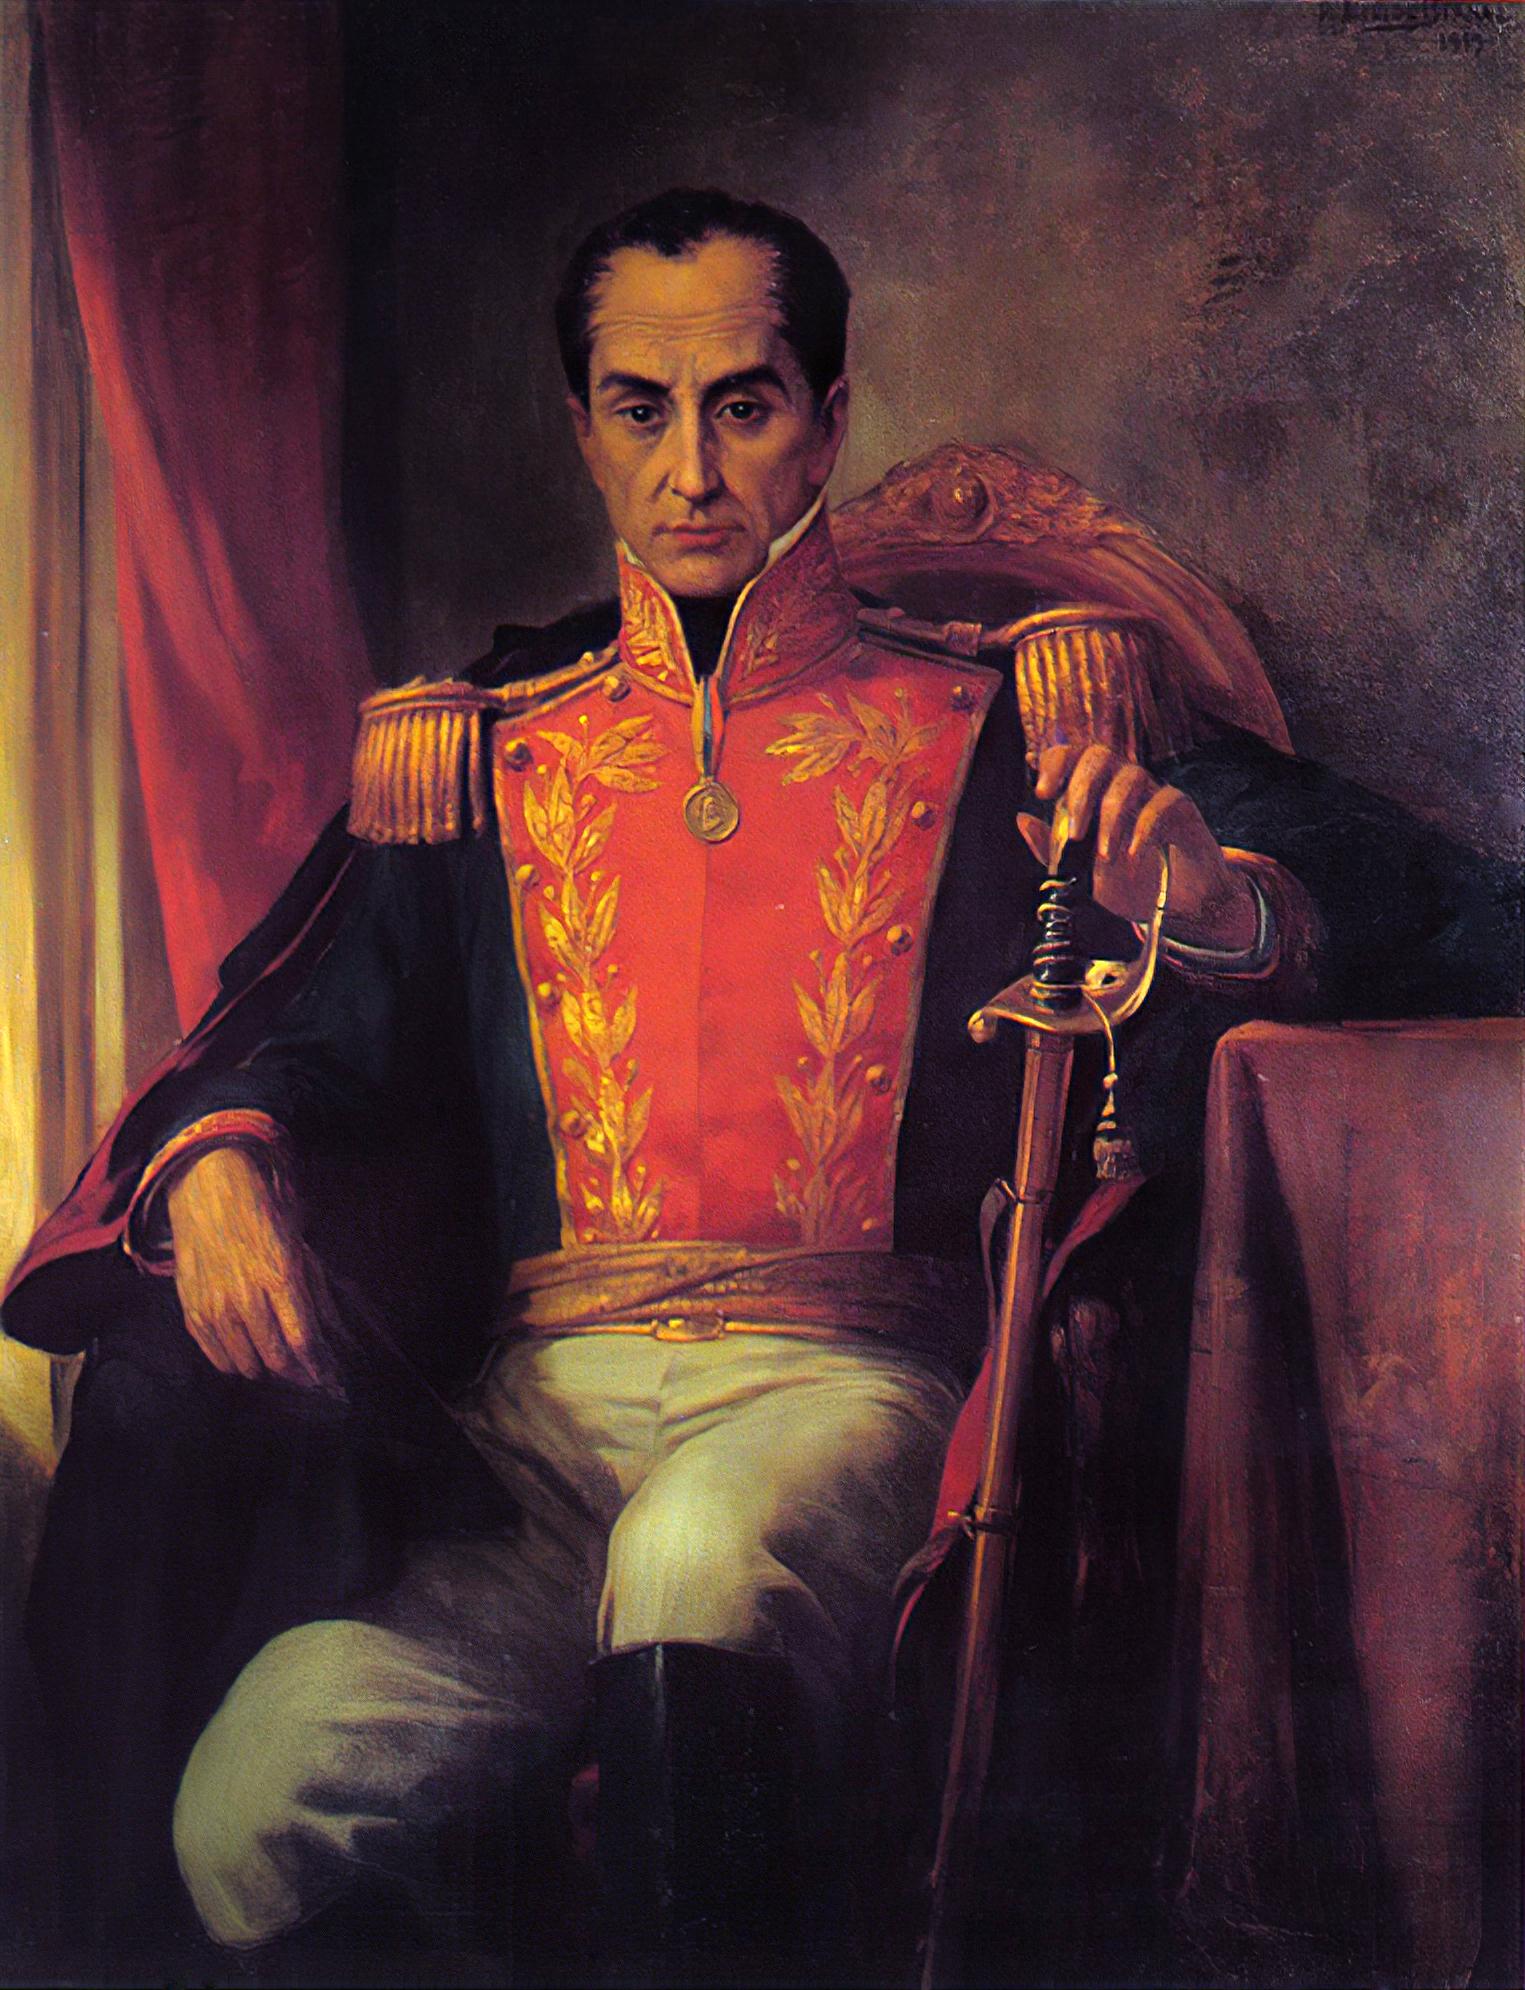 Simon Bolivar - Liberator of the Americas